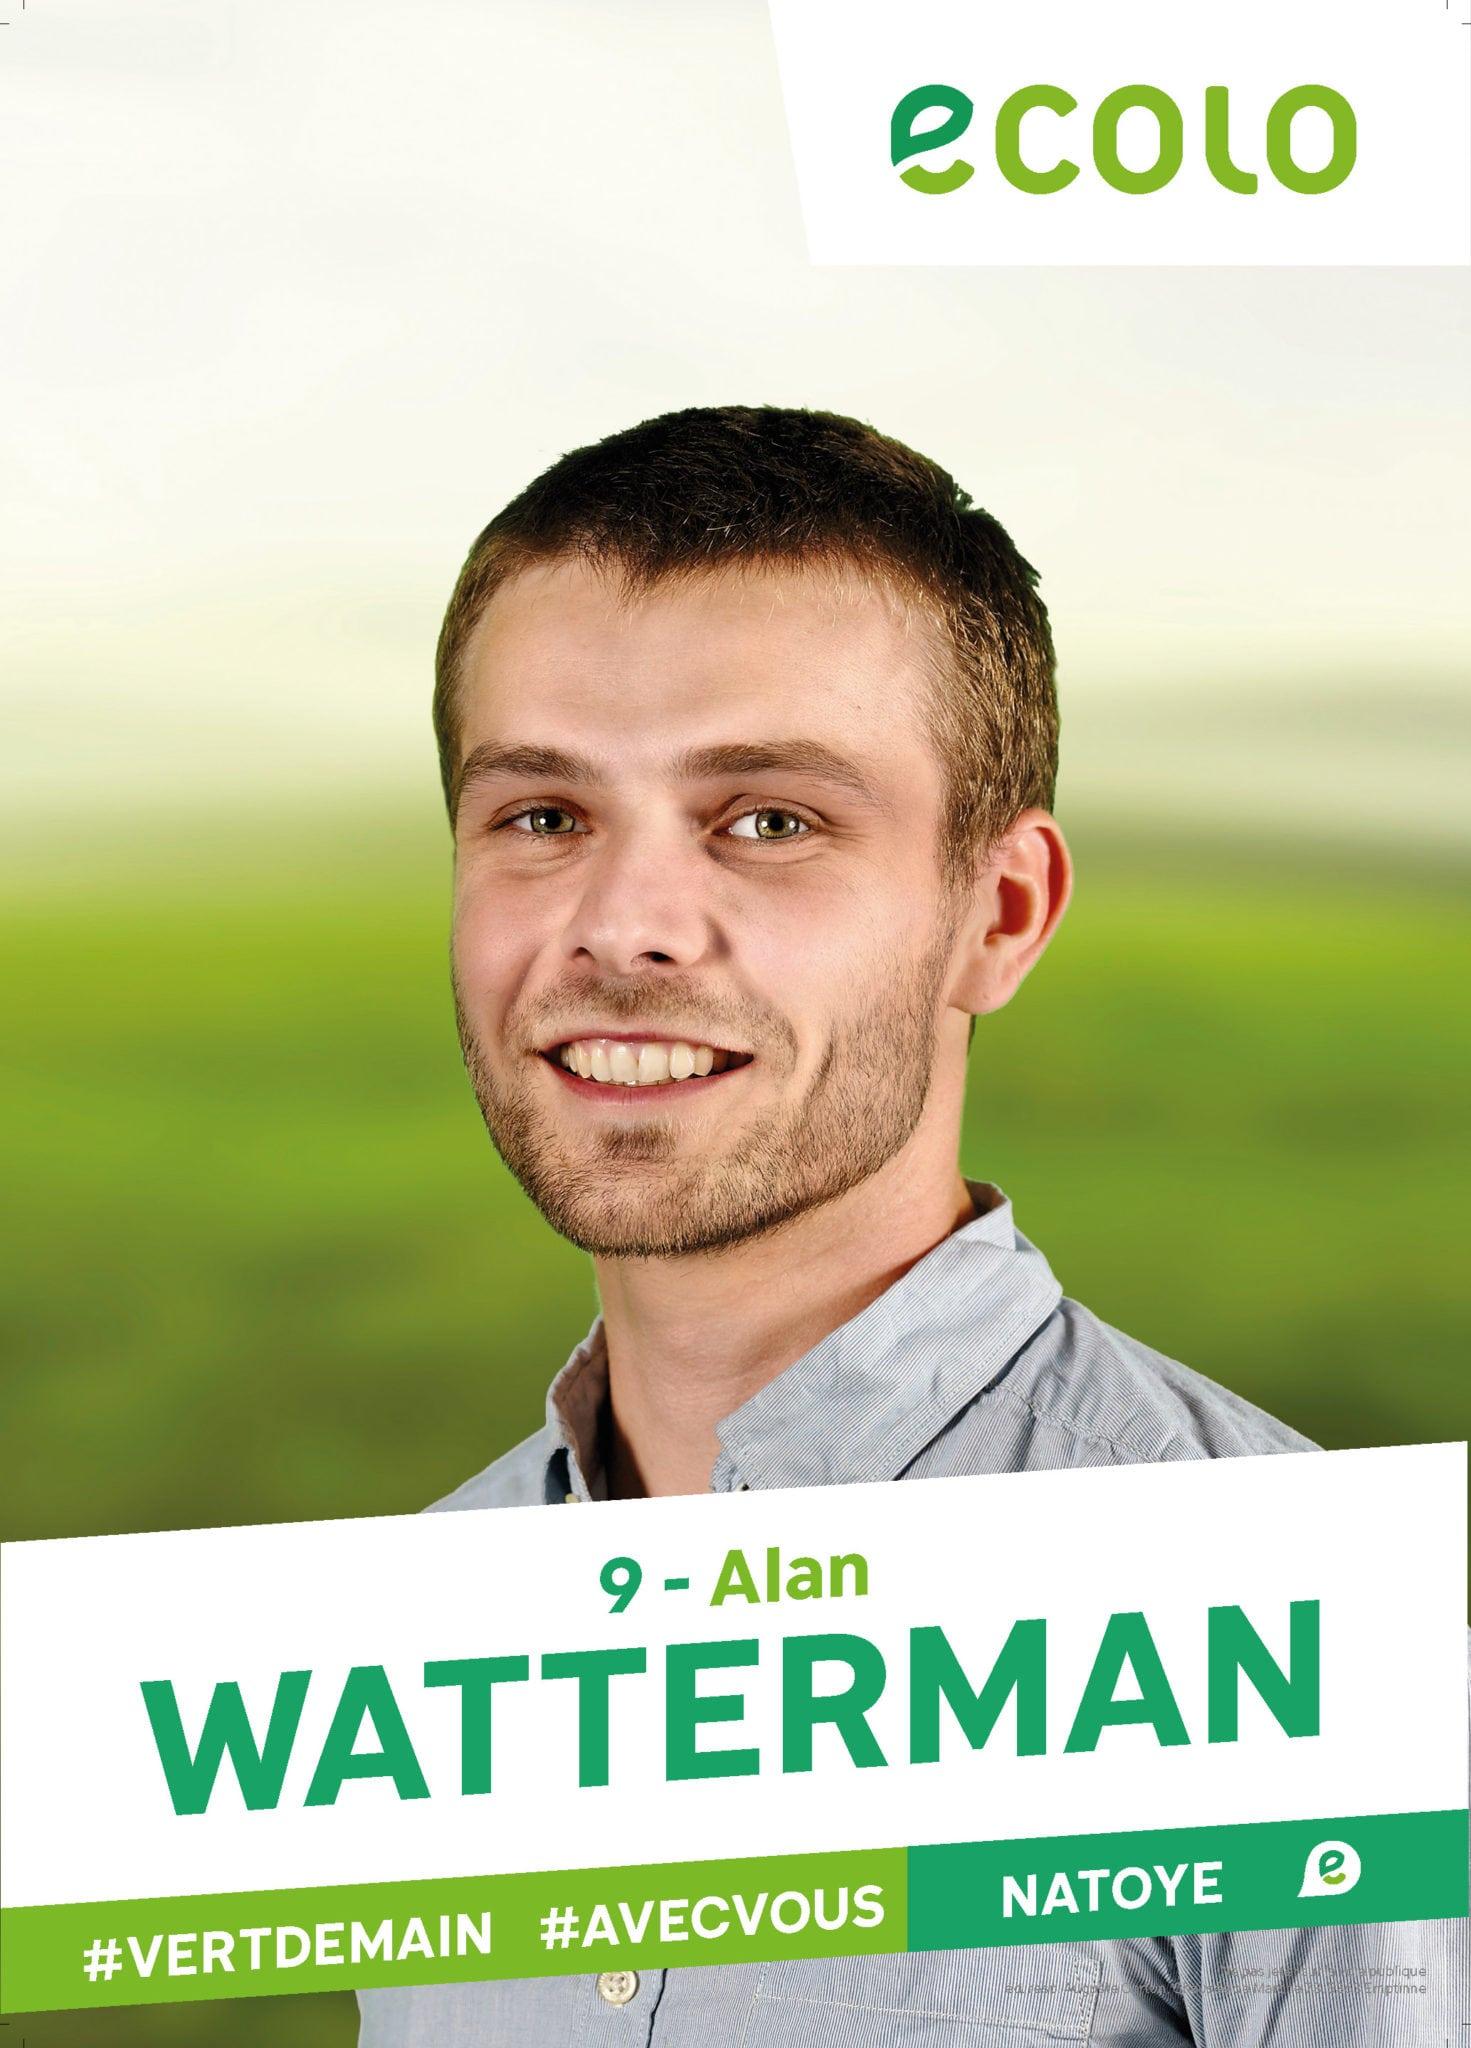 9 - Alan WATTERMAN